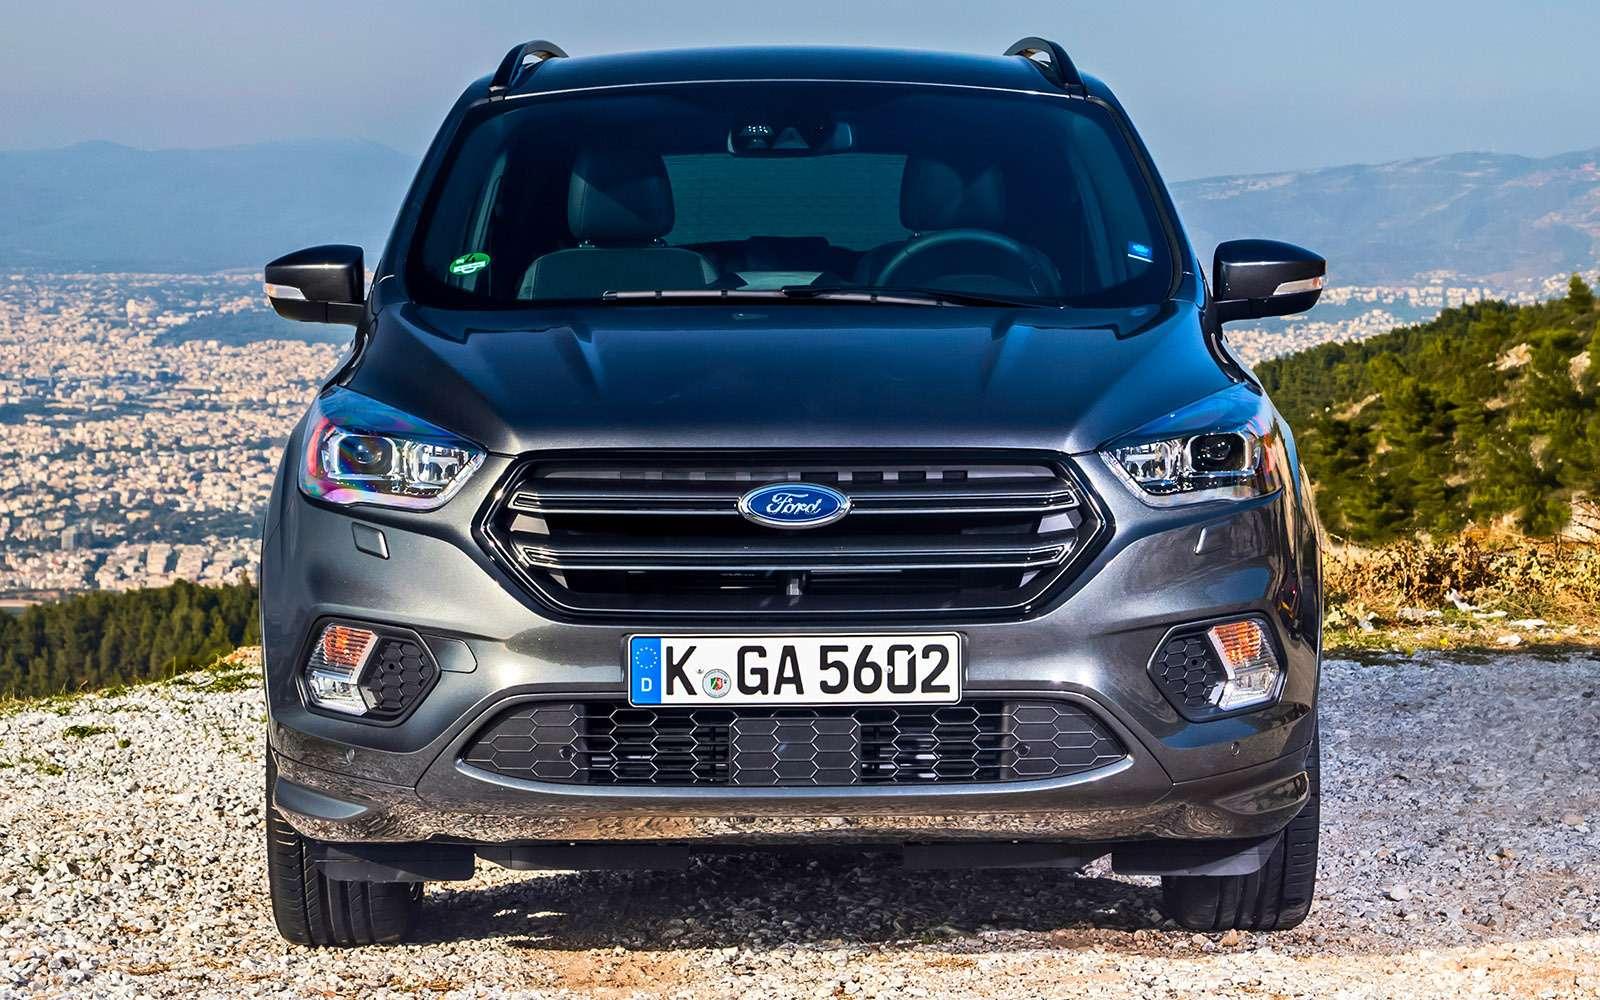 Обновленный Ford Kuga российской сборки: мыпоездили нанем первыми!— фото 674496